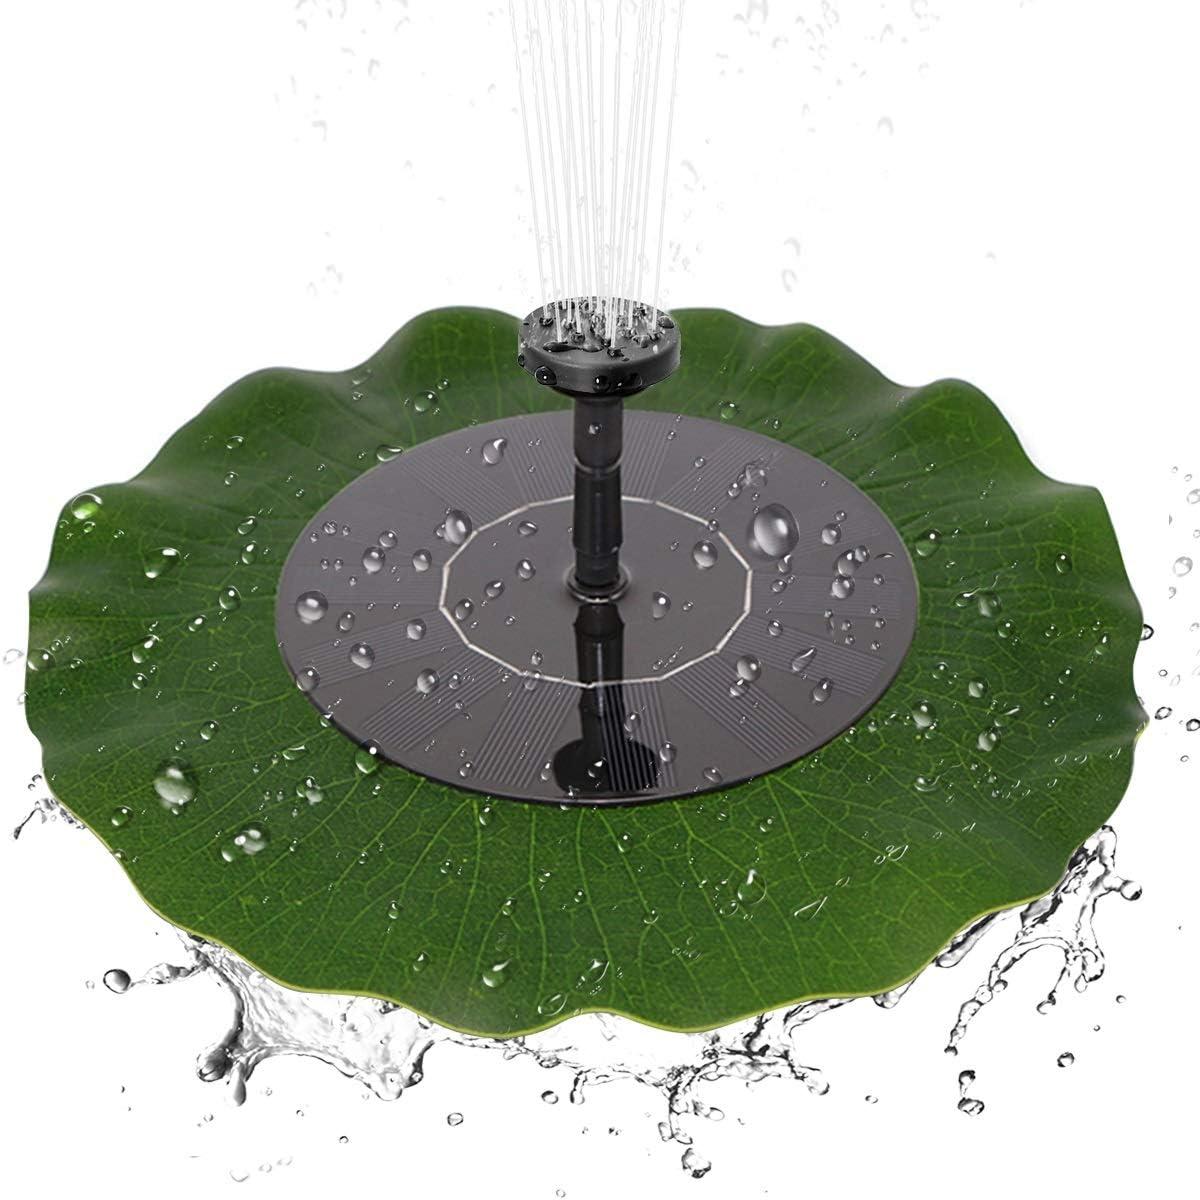 Eurobuy Bomba de Fuente Solar 1.4W Bomba de Agua sin escobillas de Fuente de Hoja de Loto Flotante de energ/ía Solar para la decoraci/ón del ba/ño del p/ájaro del jard/ín de la charca